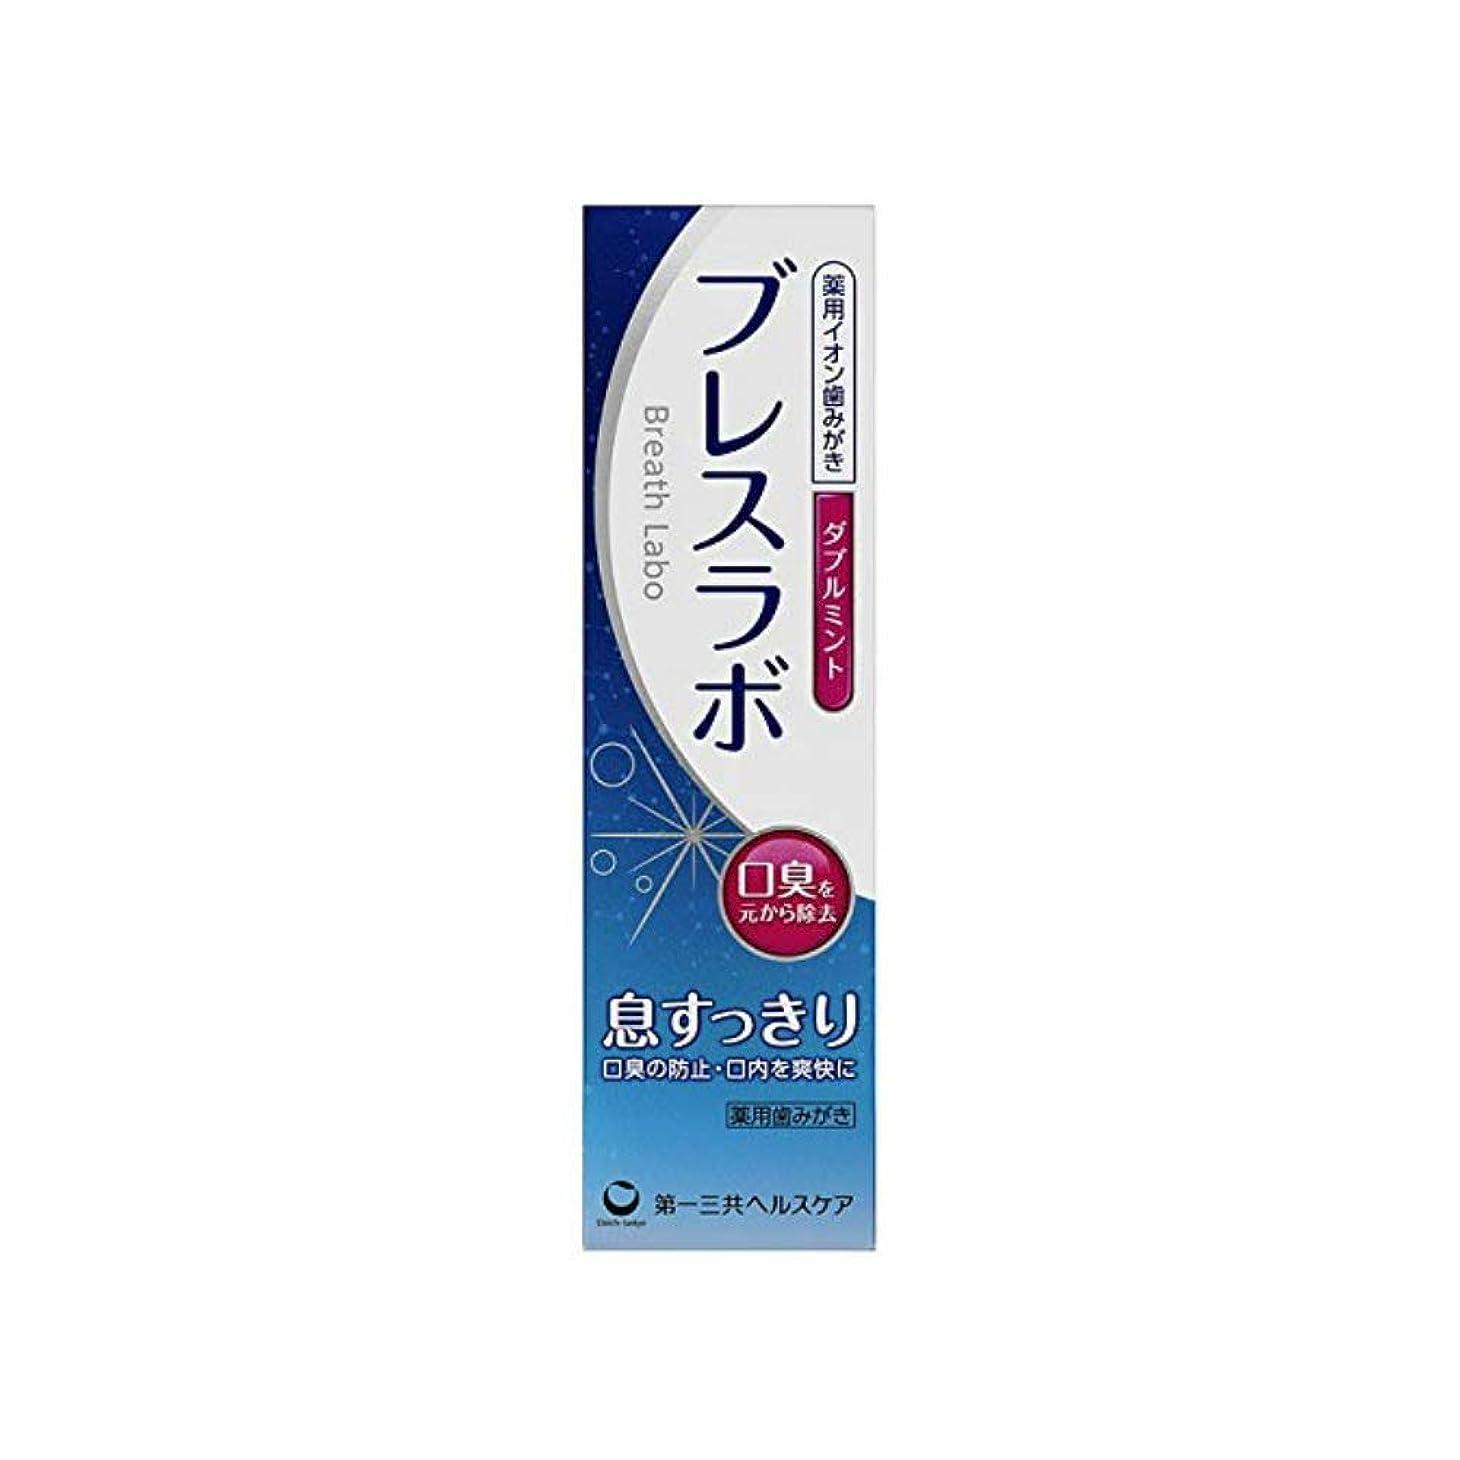 ラケットレタスカジュアル【2個セット】ブレスラボ ダブルミント 90g